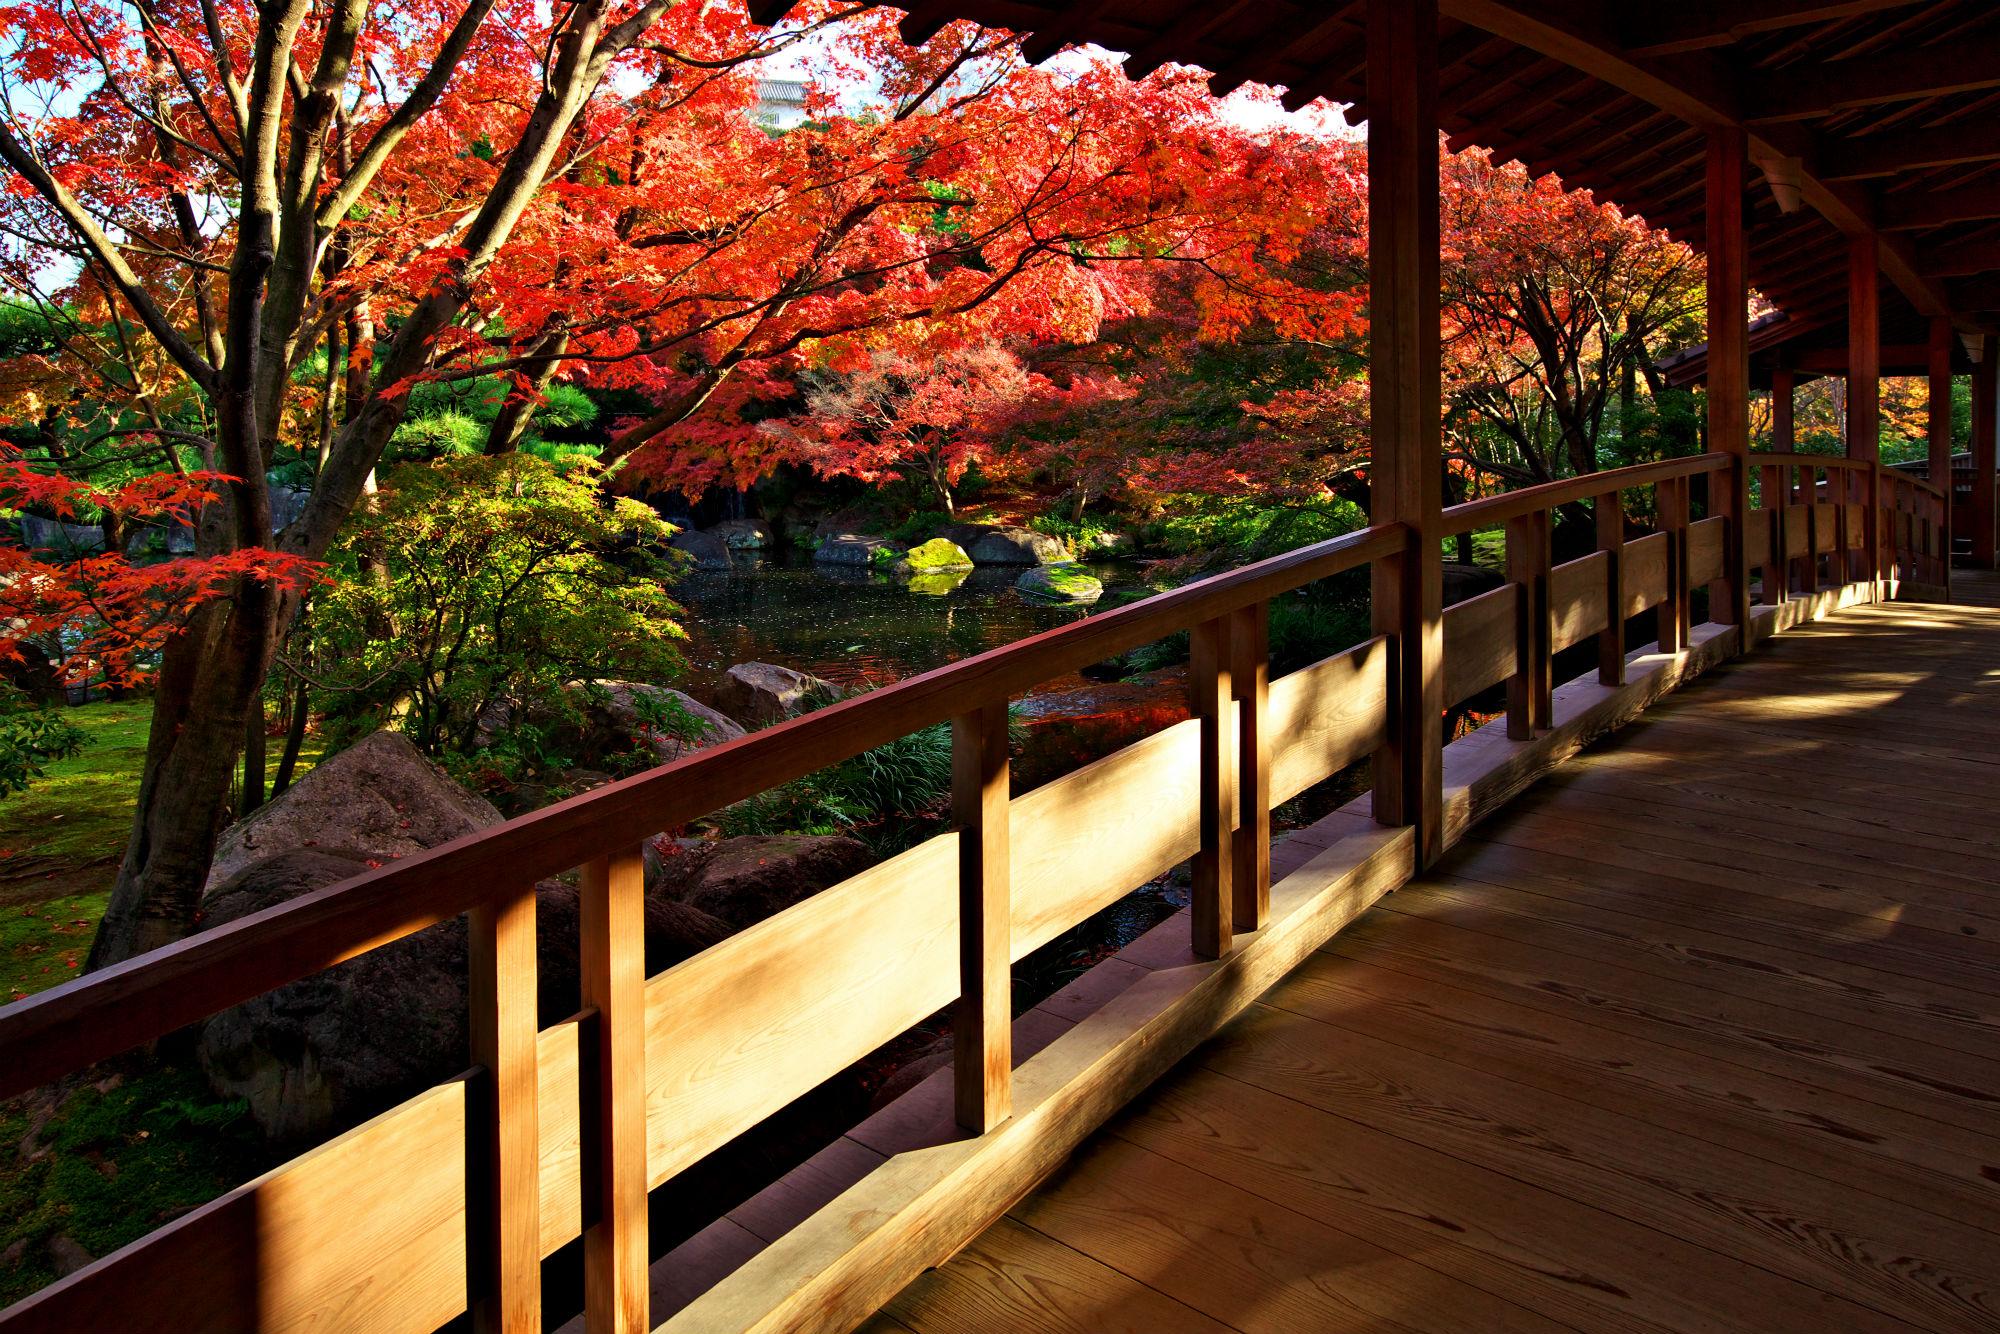 姫路城 西御屋敷跡庭園 好古園